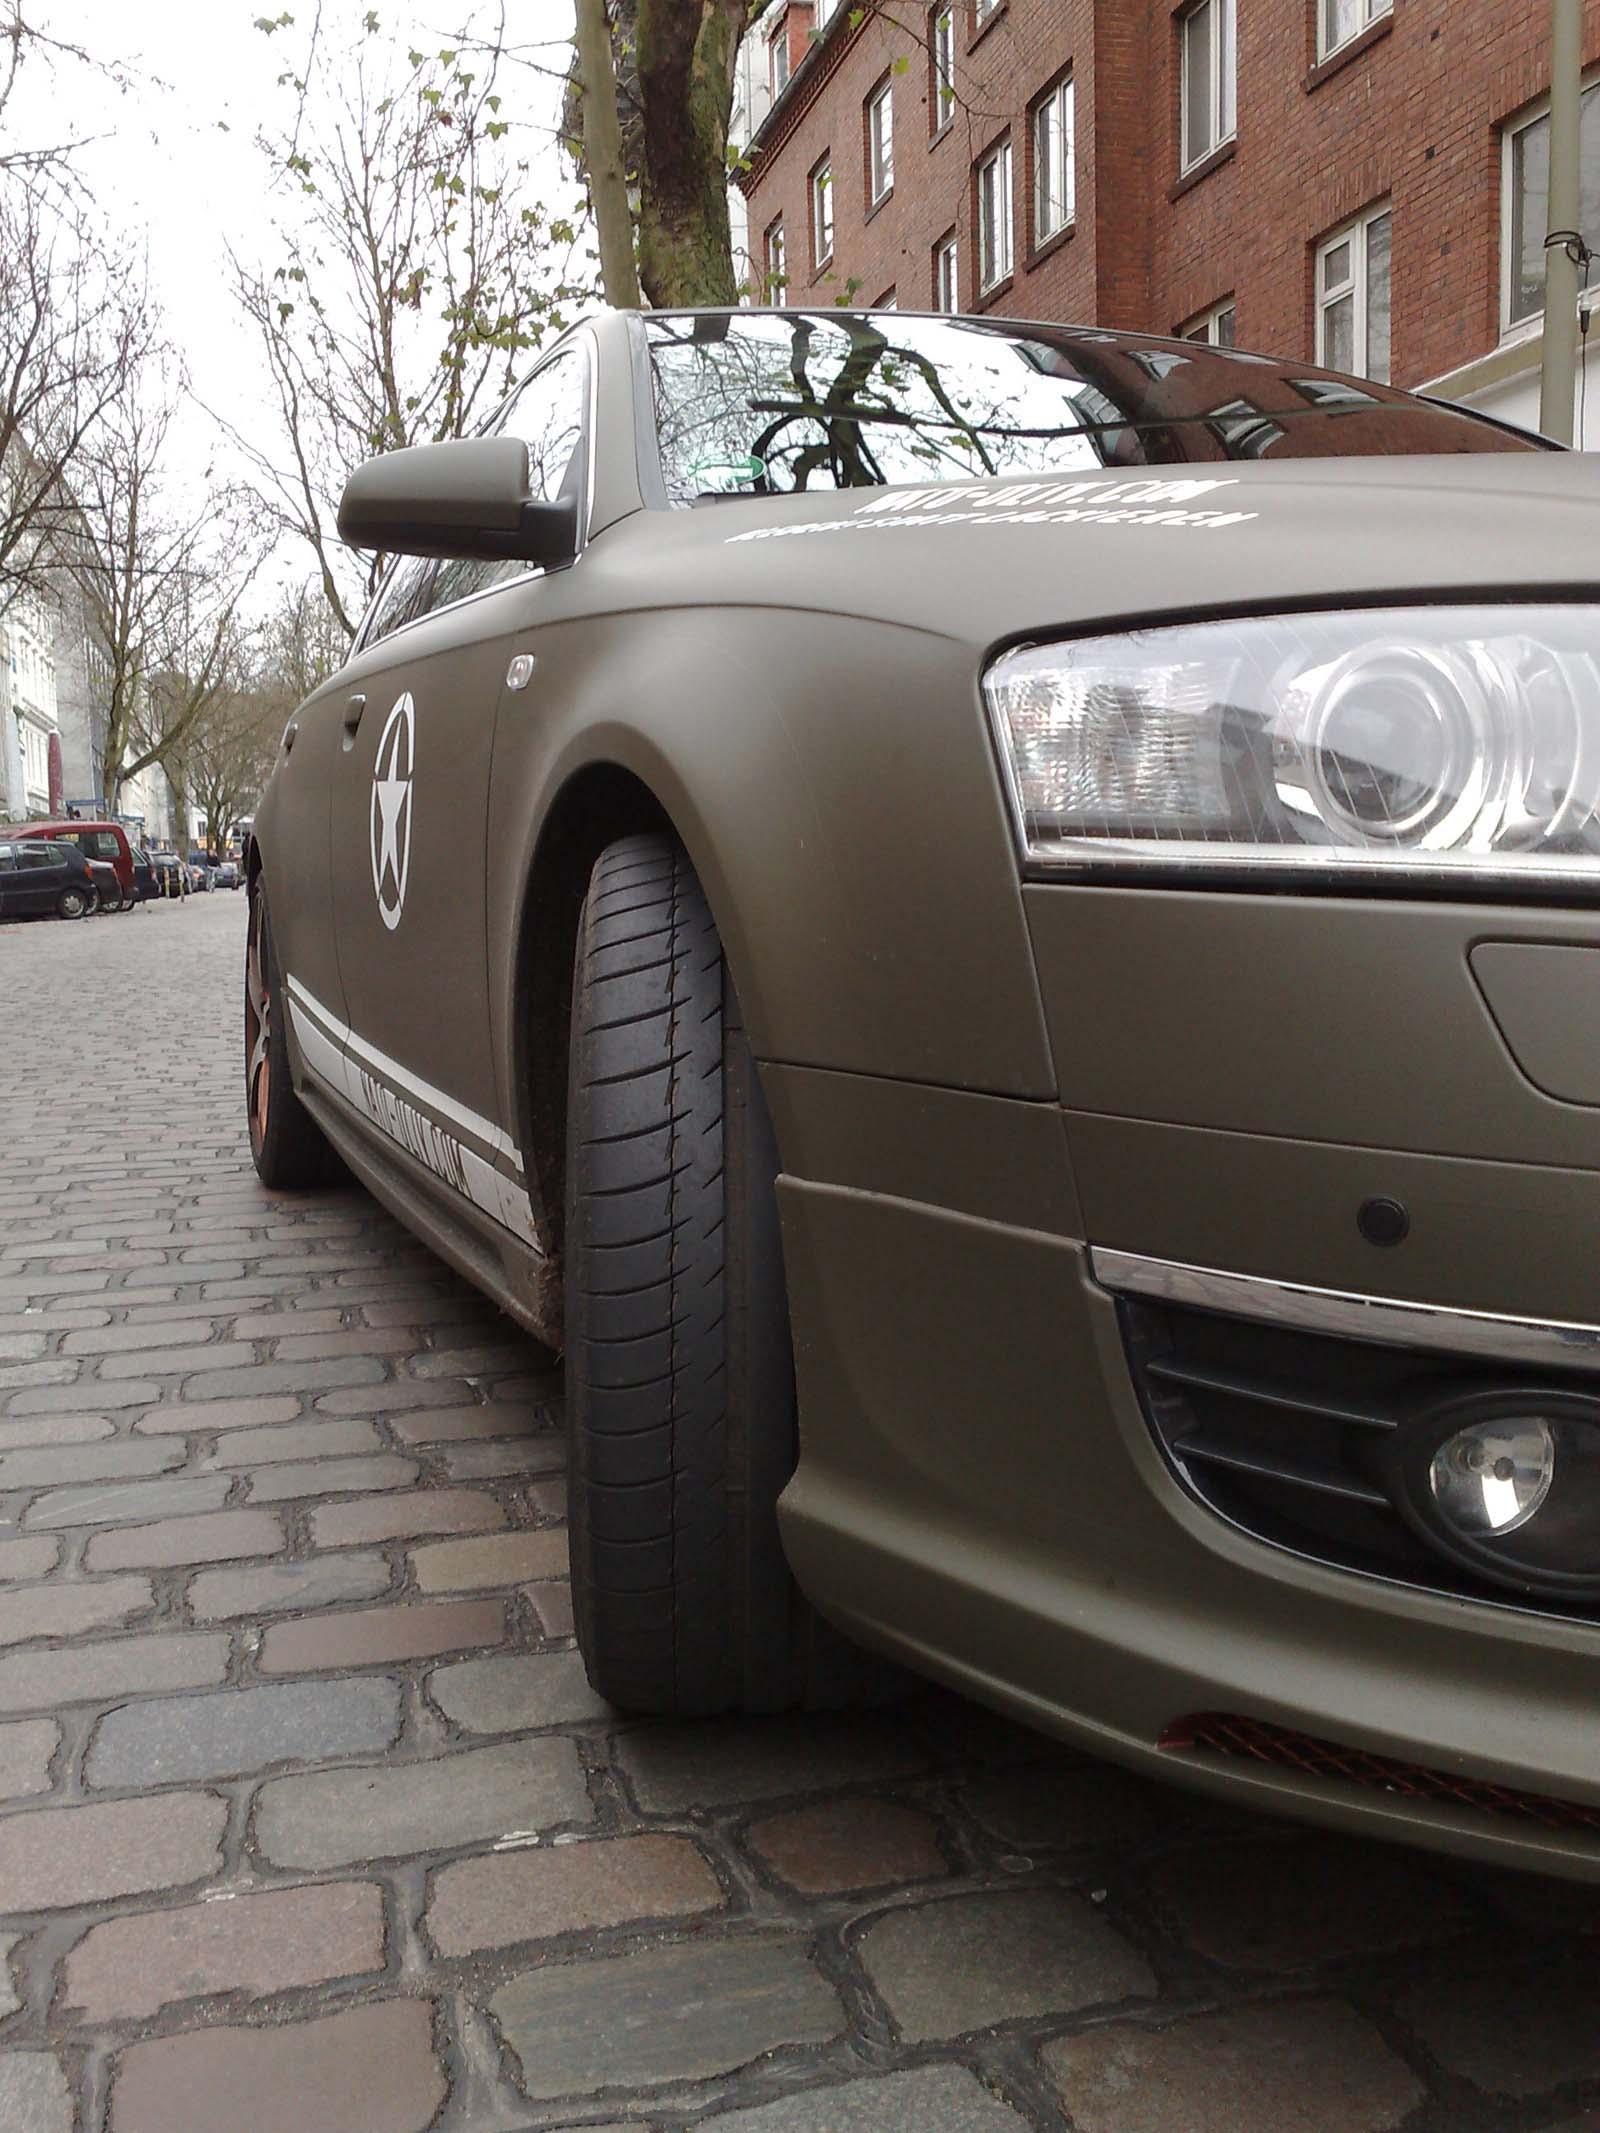 Audi_A6_Nato-Oliv_Folie_Beschriftung_07